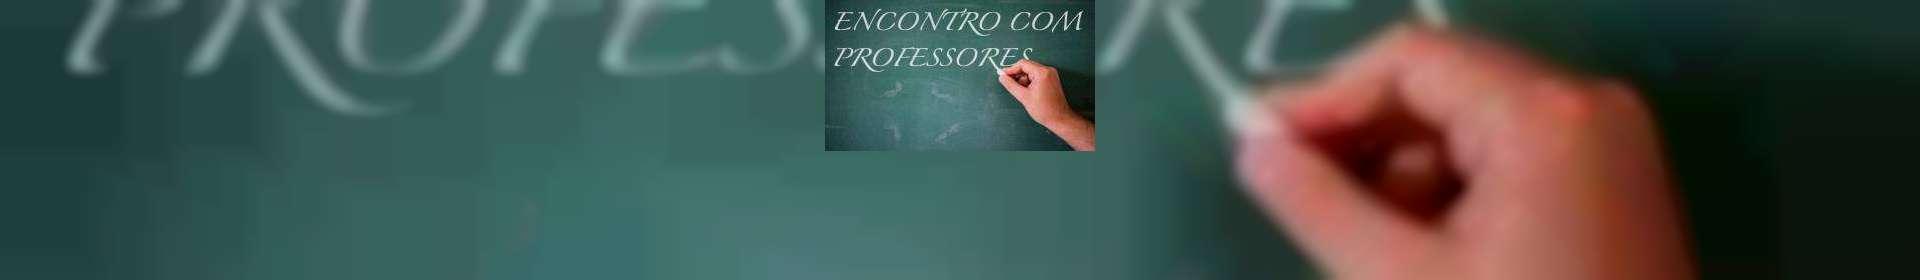 Os discípulos no cenáculo - Encontro com Professores